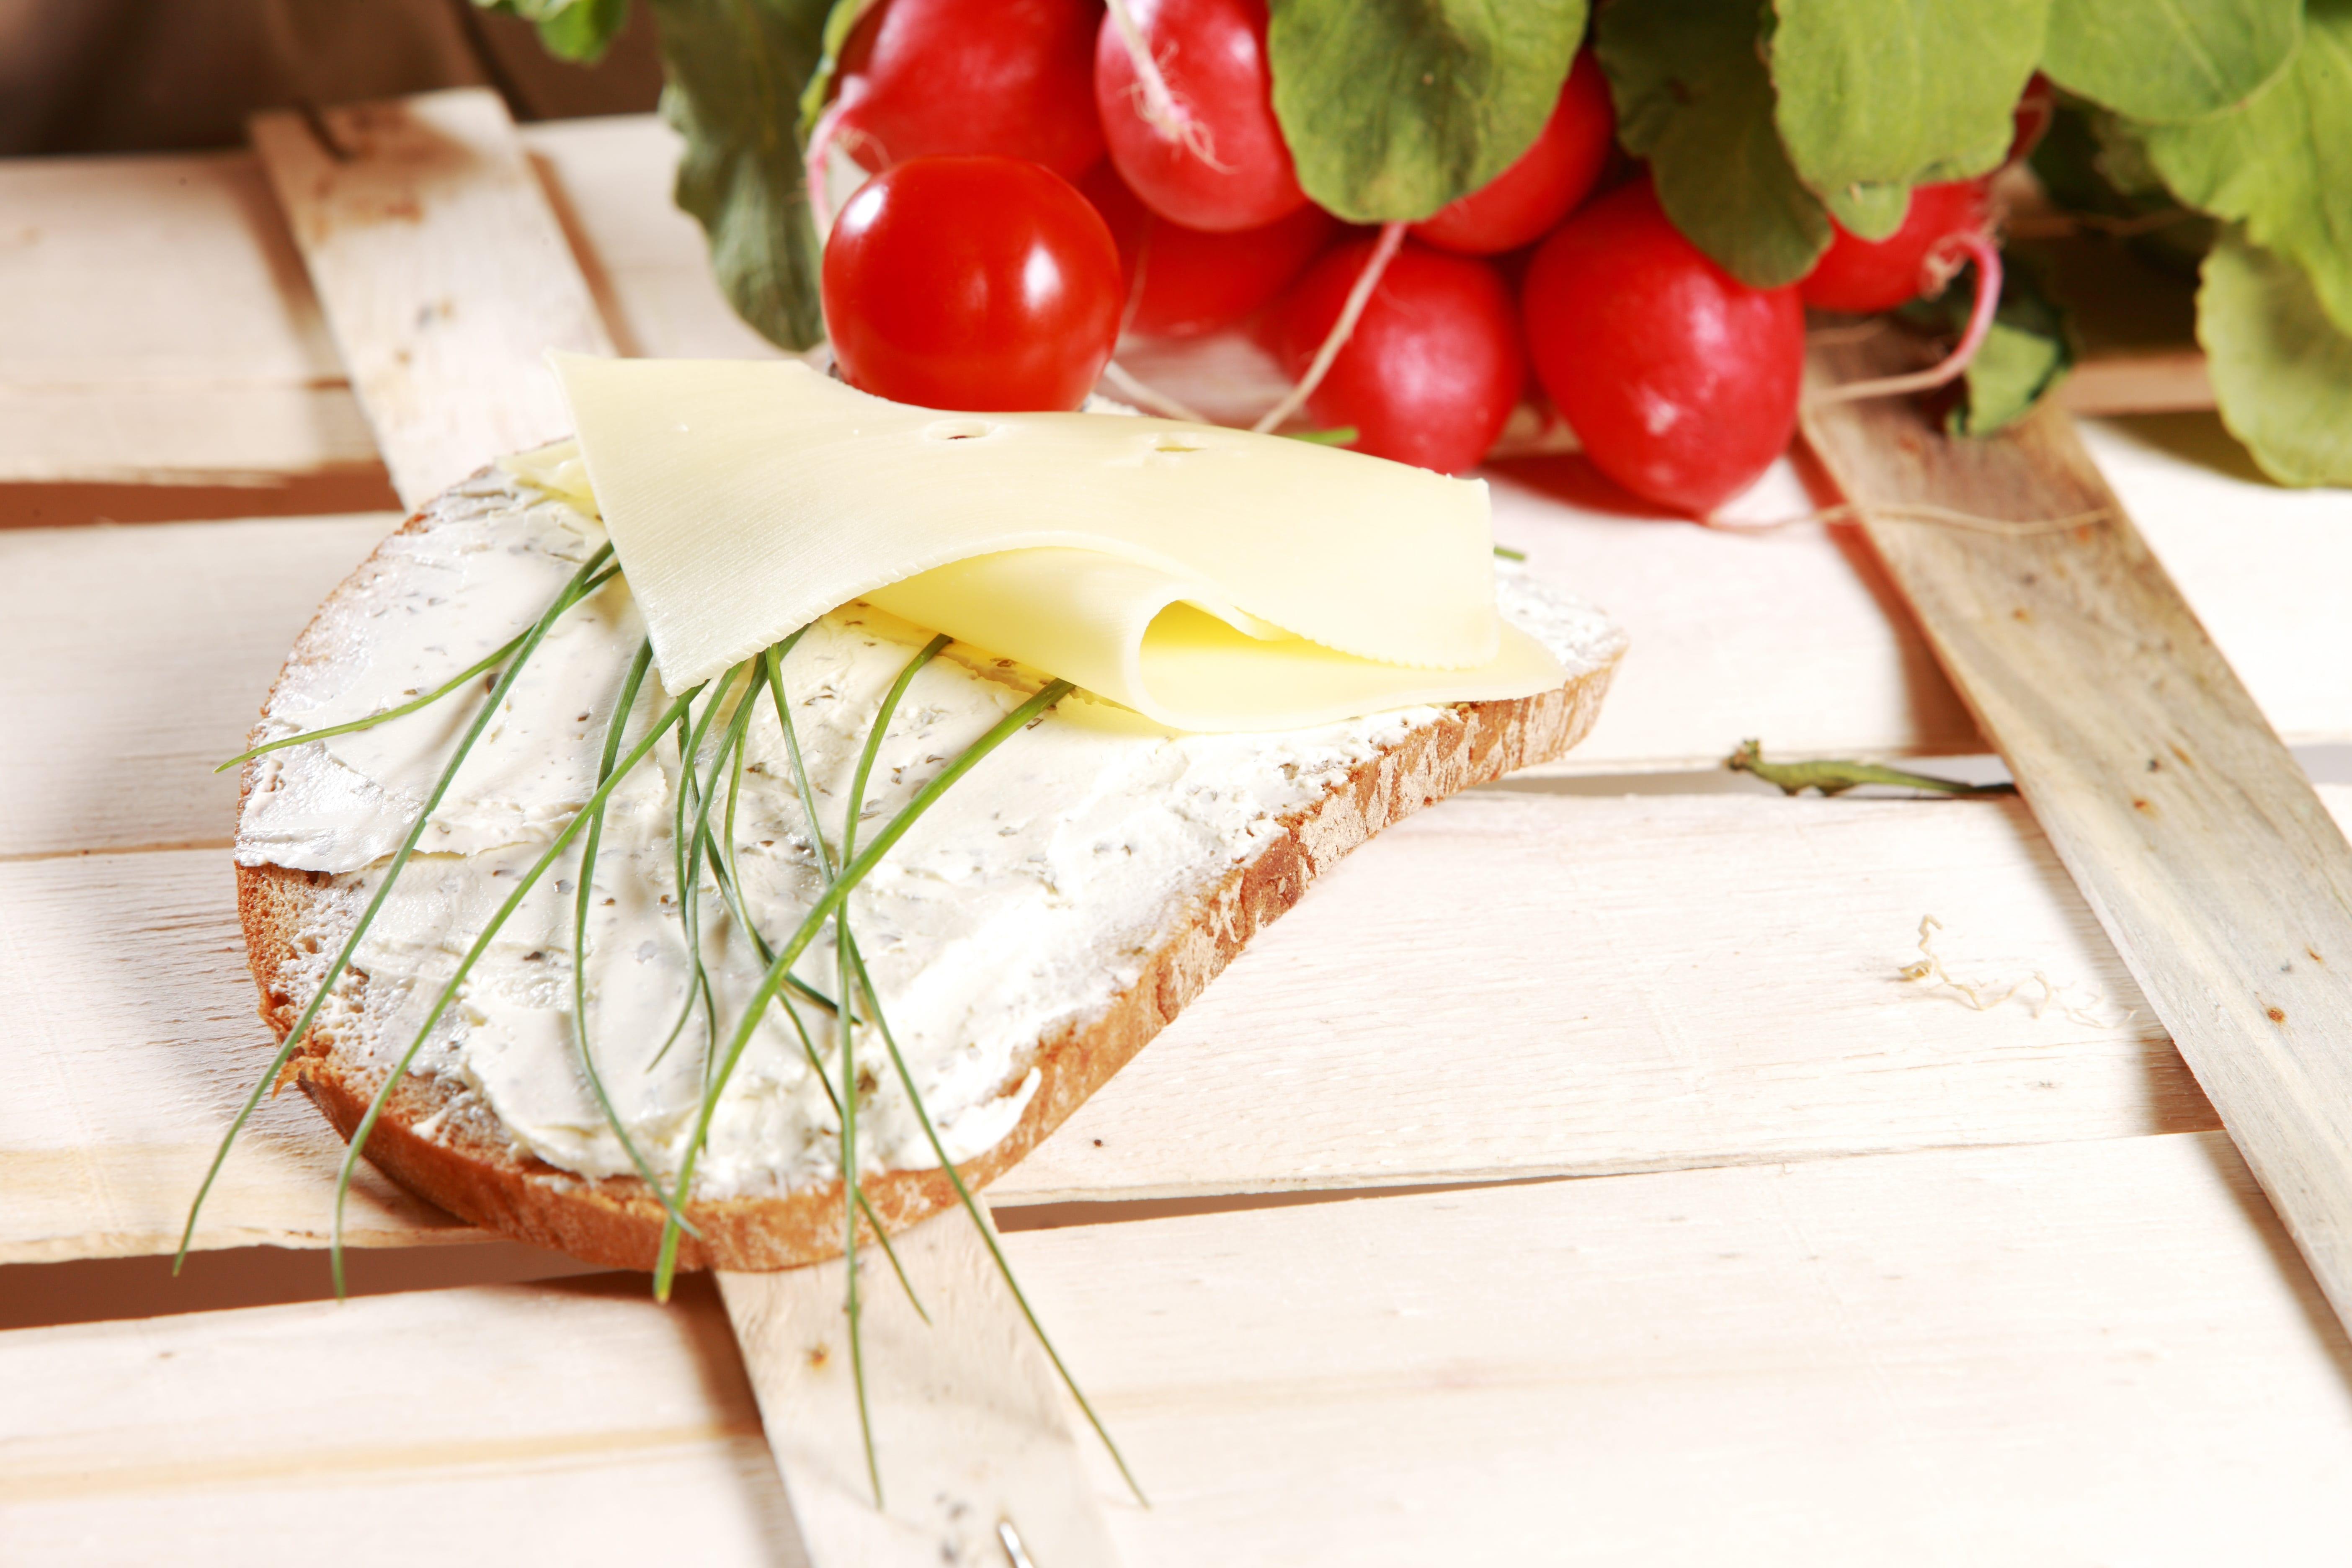 Artikel zum Thema: Abnehmen mit Intermittent Fasting